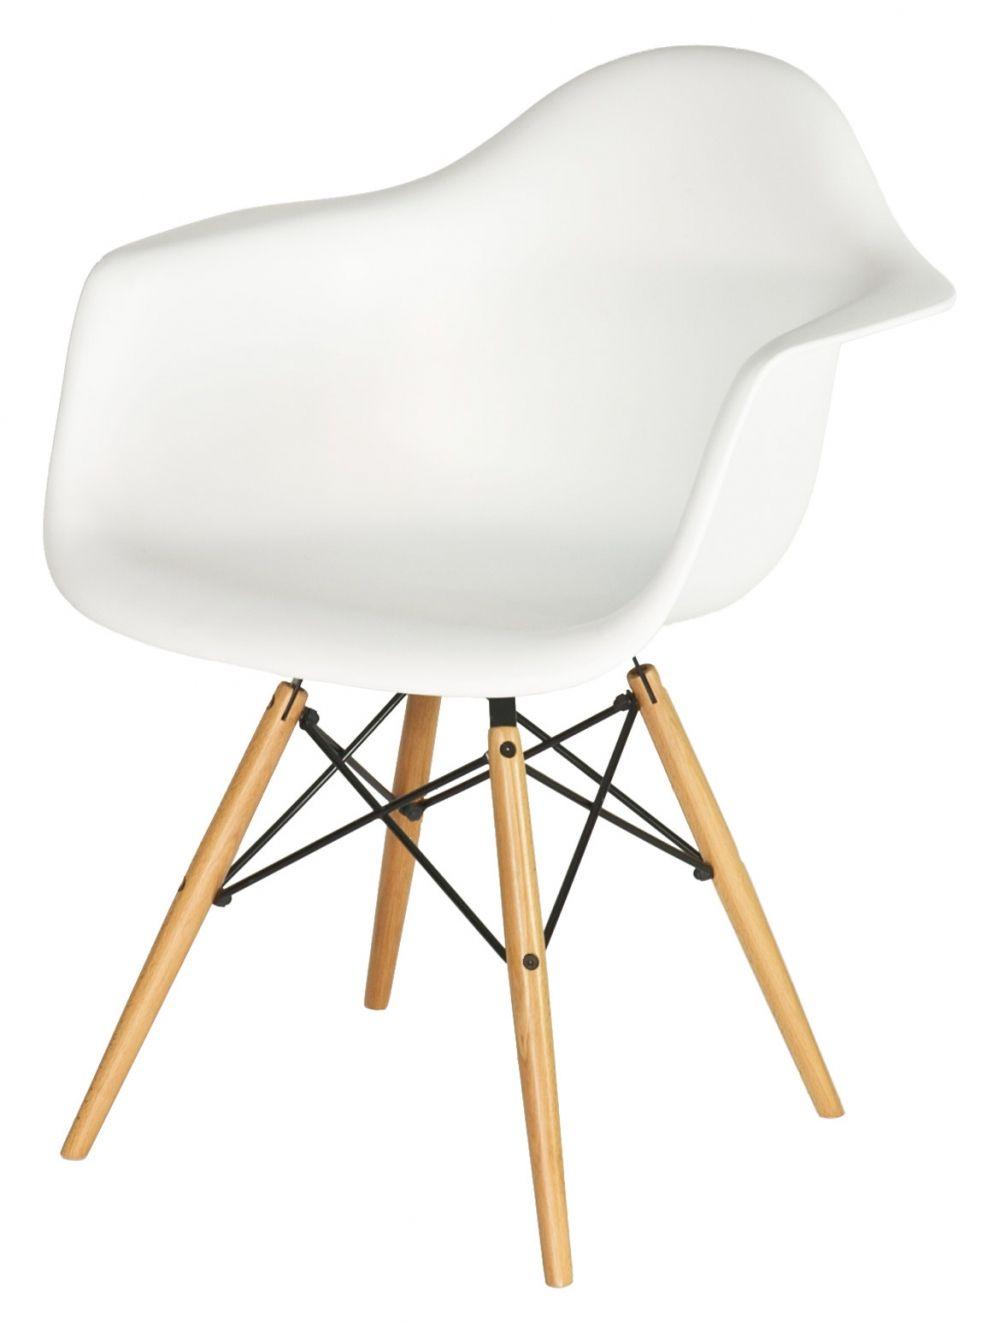 Chaise Daw Meublesetdesign Com Reproduction De Meubles De Designers Meuble Design Chaise Design Chaise De Bureau Design